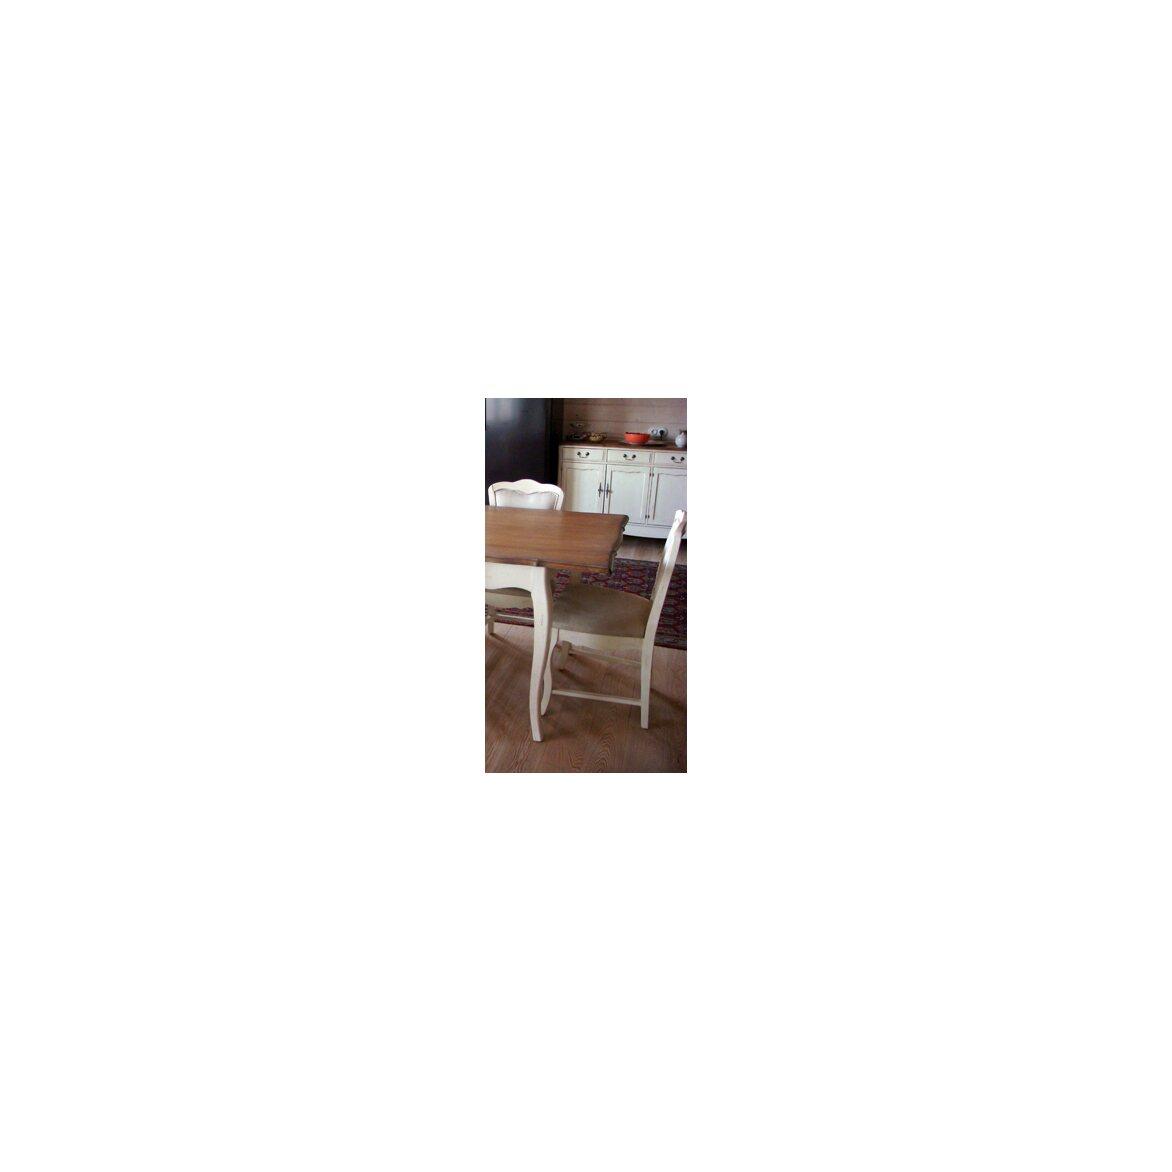 Обеденный стол (малый) Leontina, бежевого цвета 3 | Обеденные столы Kingsby